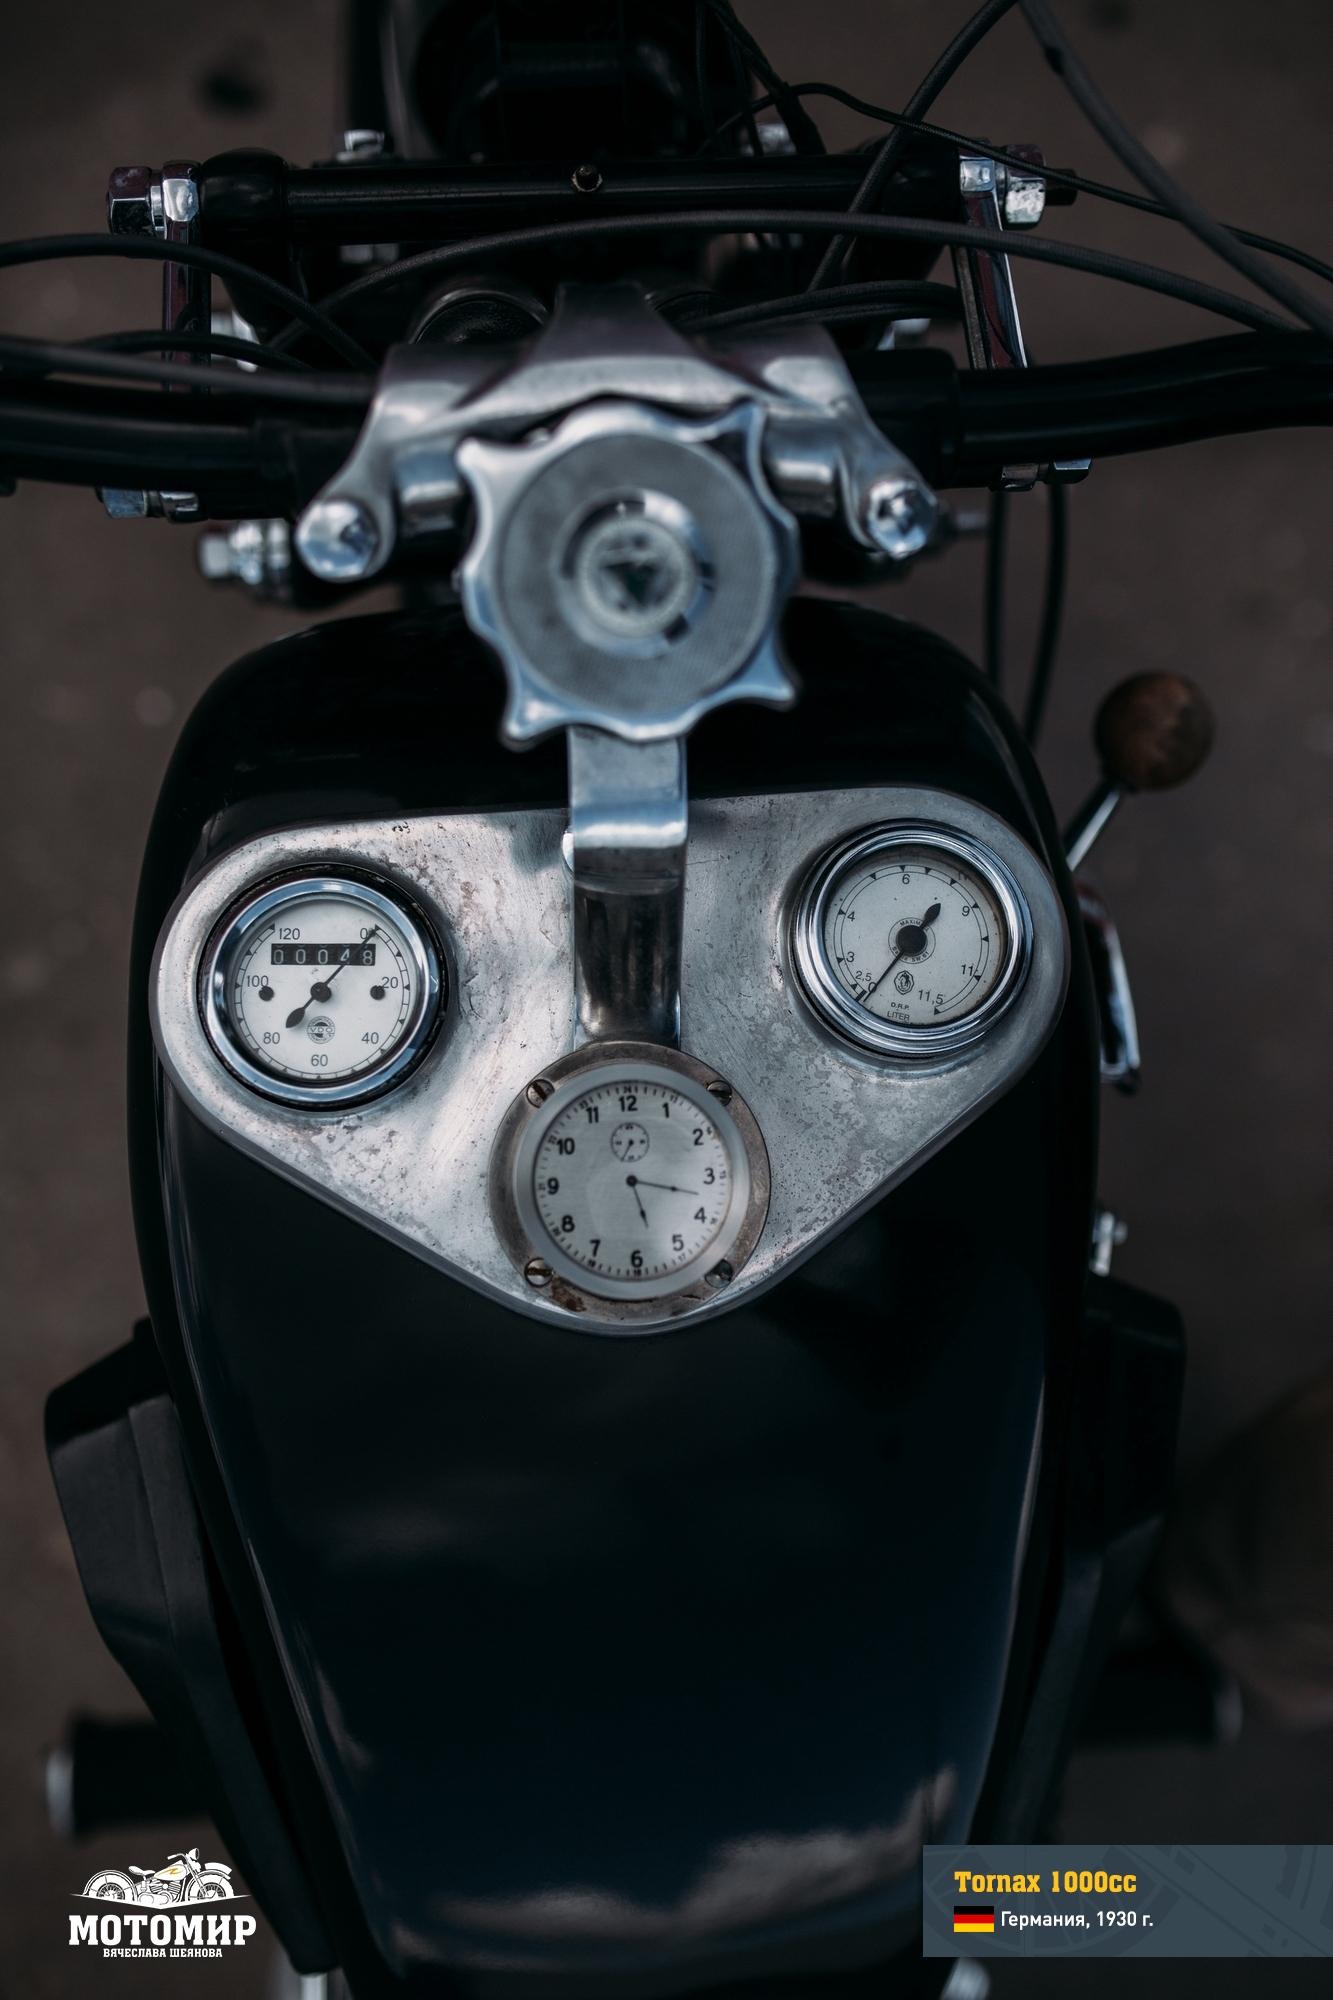 tornax-1000cc-201509-web-22